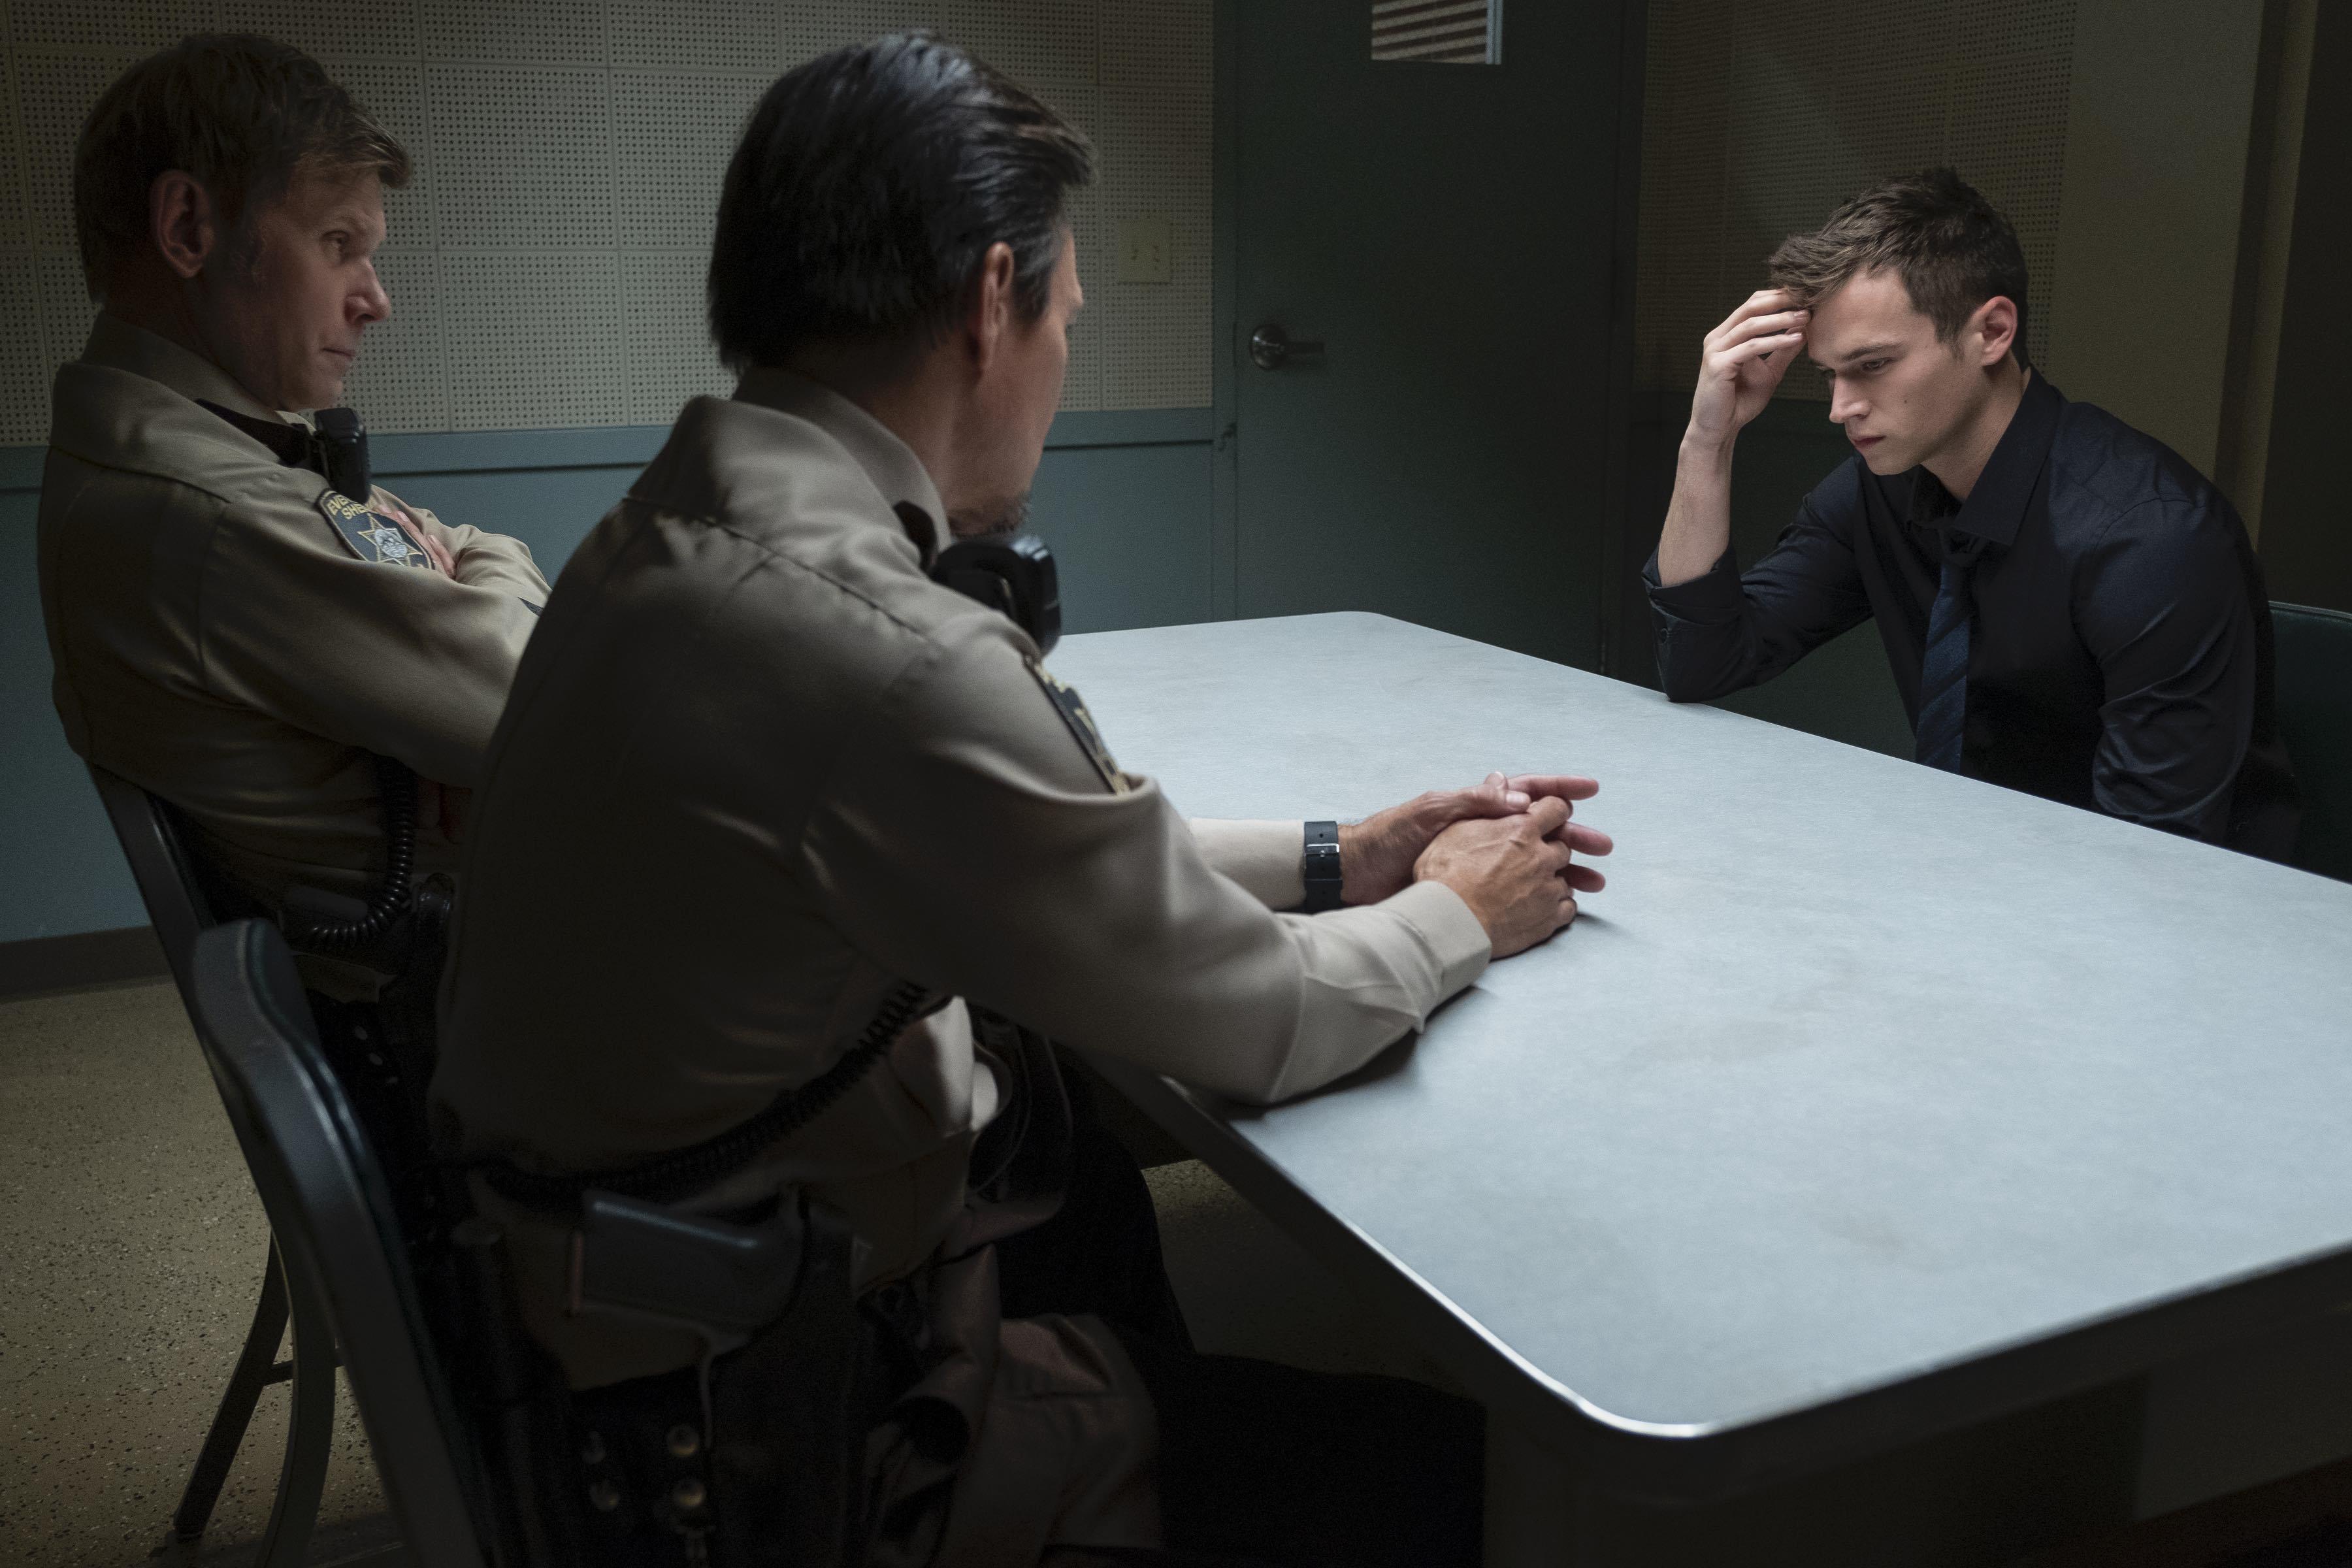 『13の理由』シーズン3が配信スタート!話題沸騰のNetflixオリジナルドラマを見逃してはならない5つの理由_6